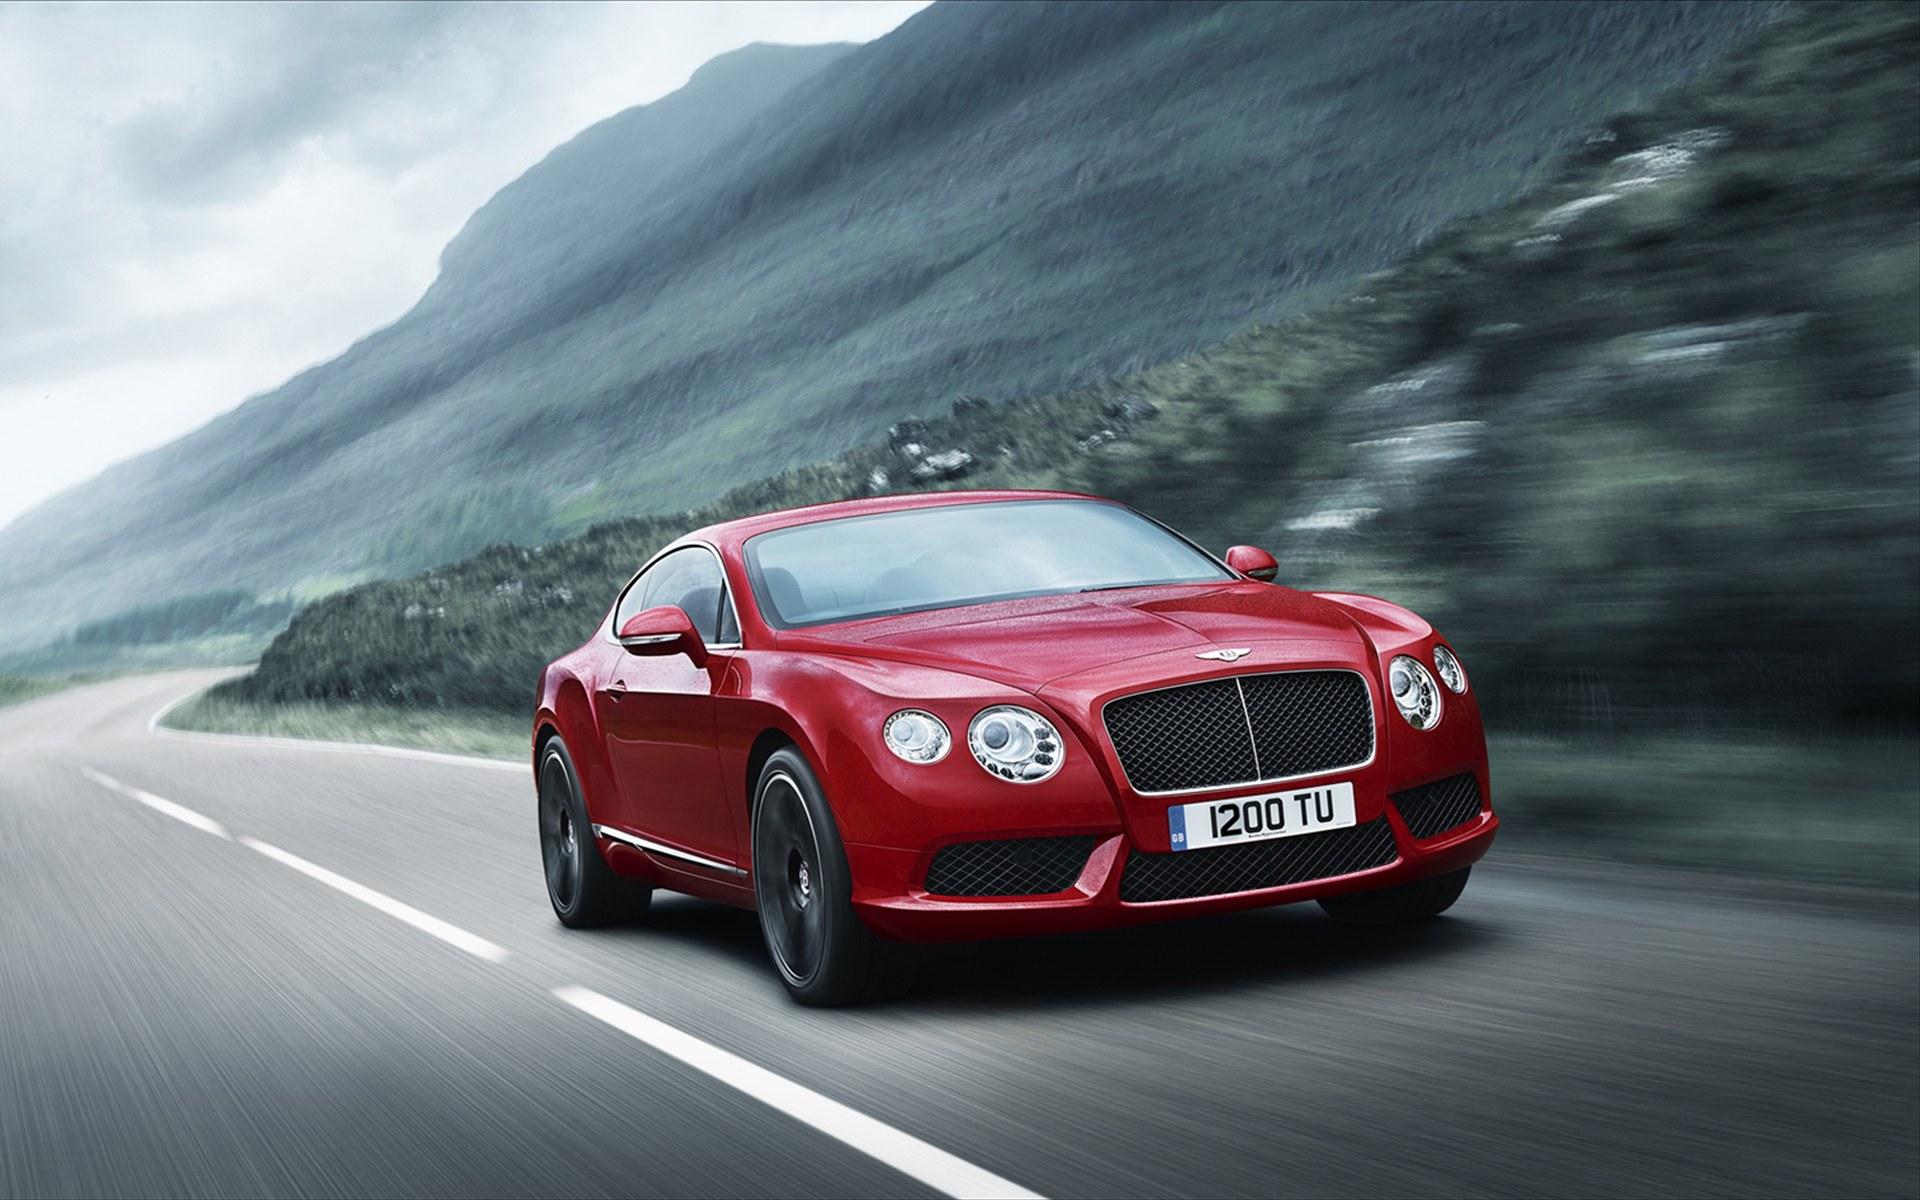 Bentley Continental GT V8 2012 Wallpaper